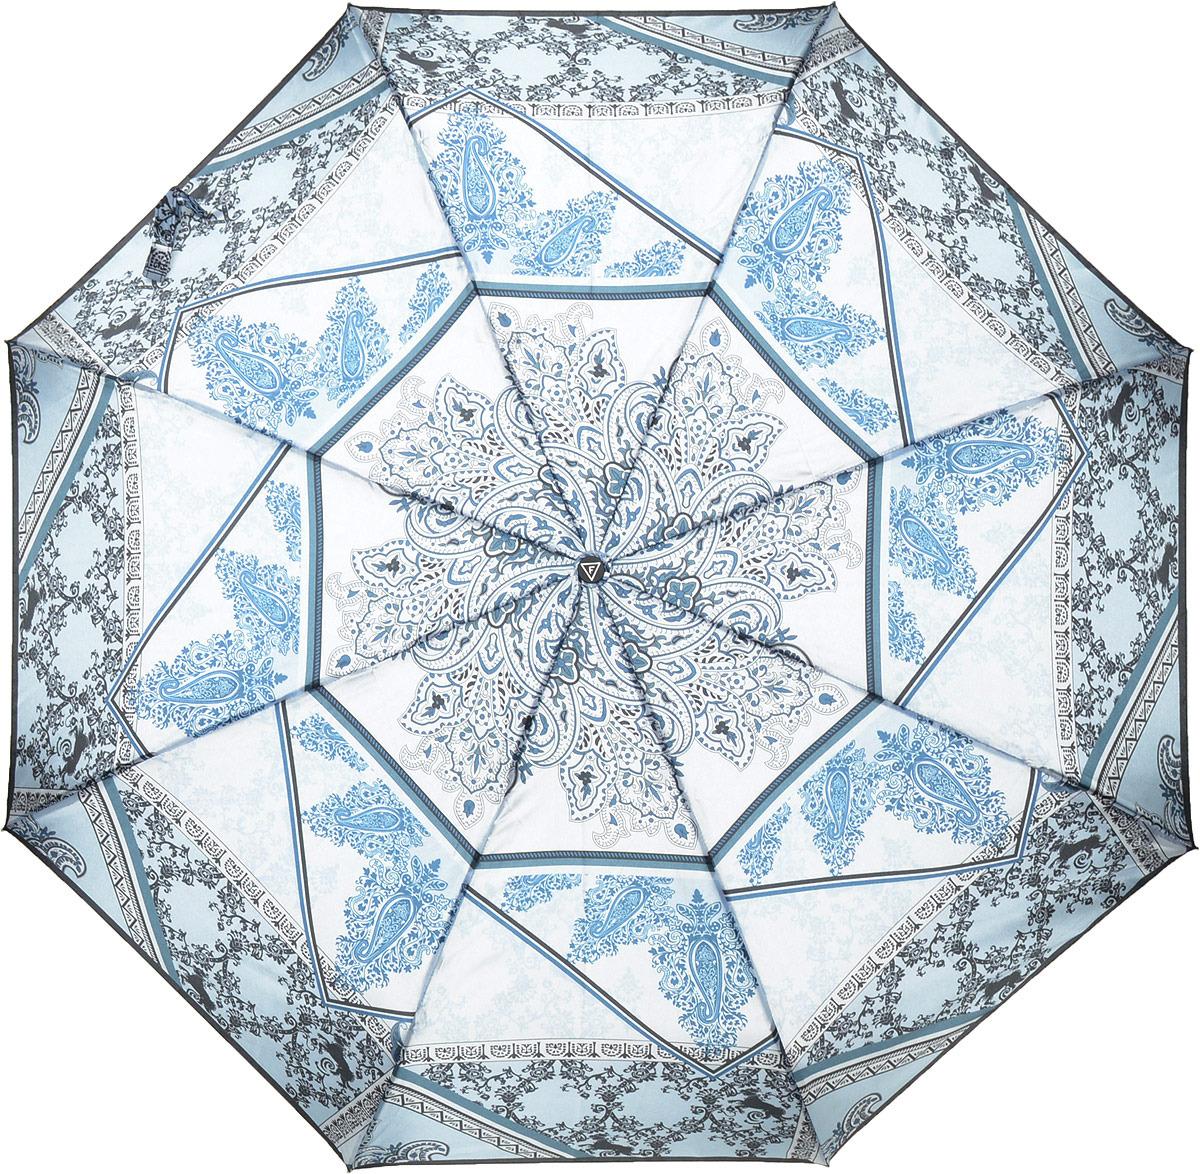 купить Зонт женский Fabretti, автомат, 3 сложения, цвет: голубой. S-18105-11 по цене 1031 рублей